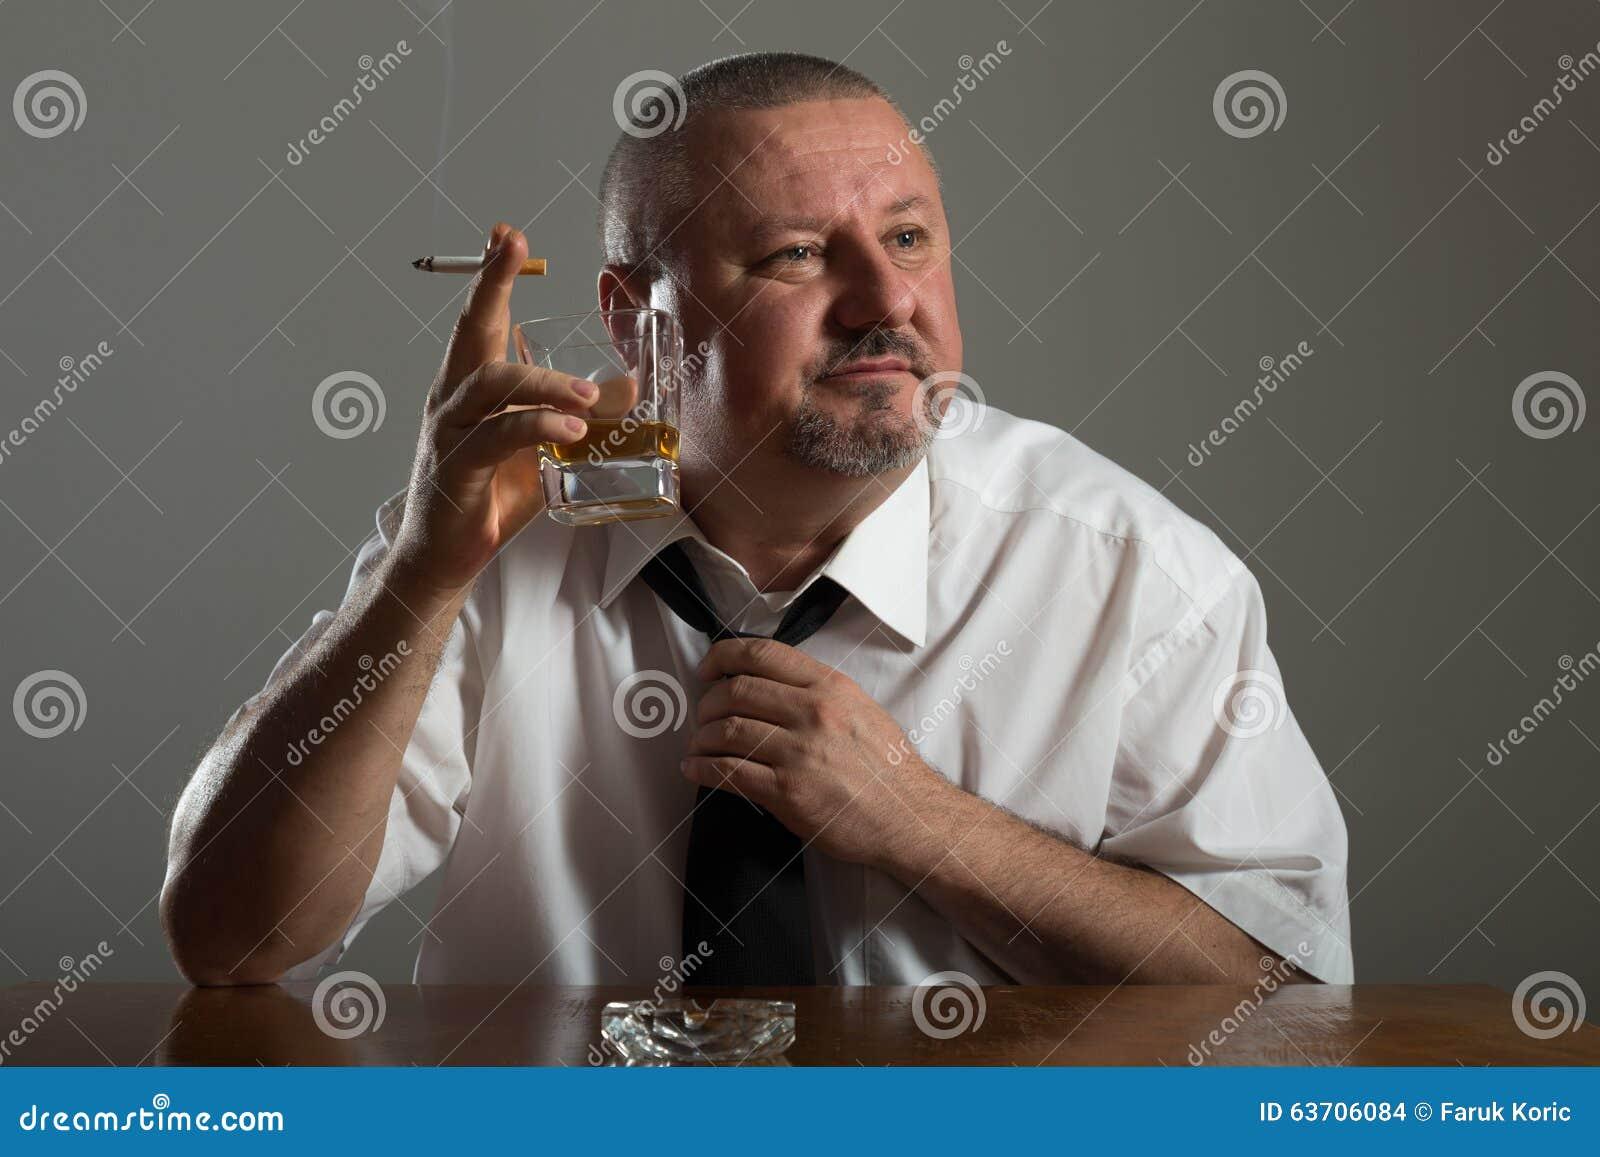 La codificazione da alcolismo 31 chiari